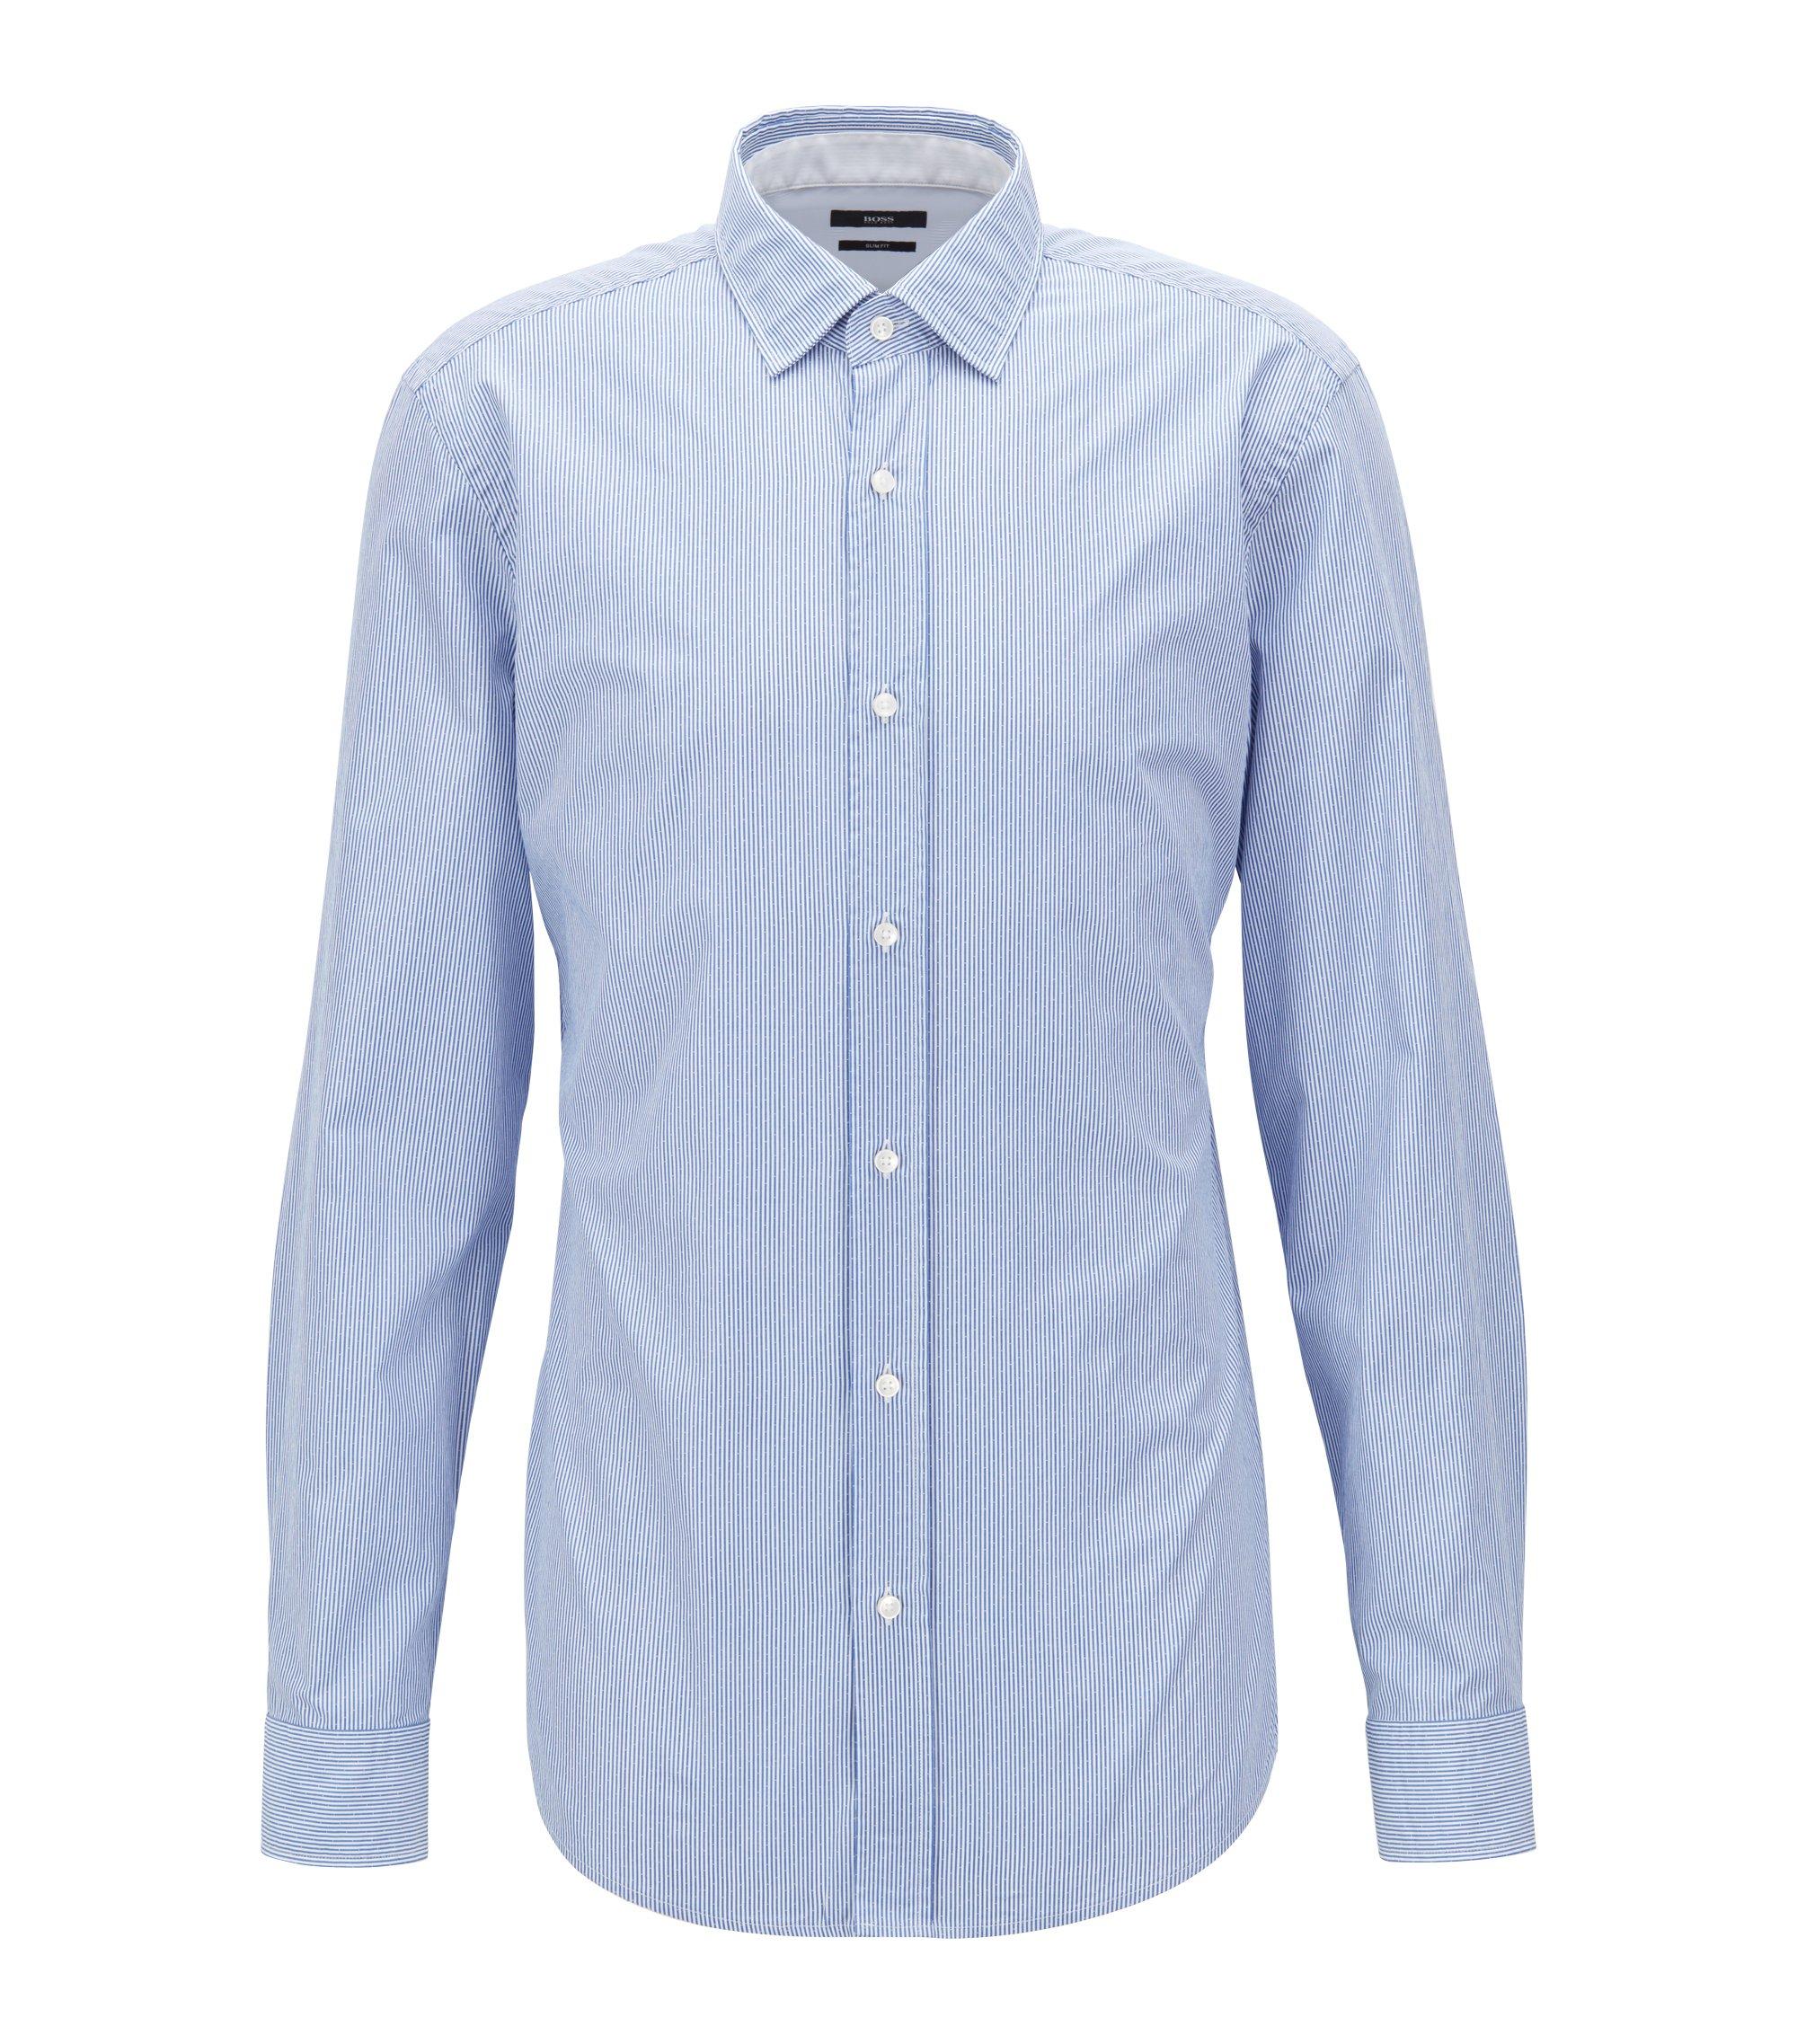 Slim-Fit Hemd aus strukturierter Baumwoll-Popeline mit Streifen, Blau